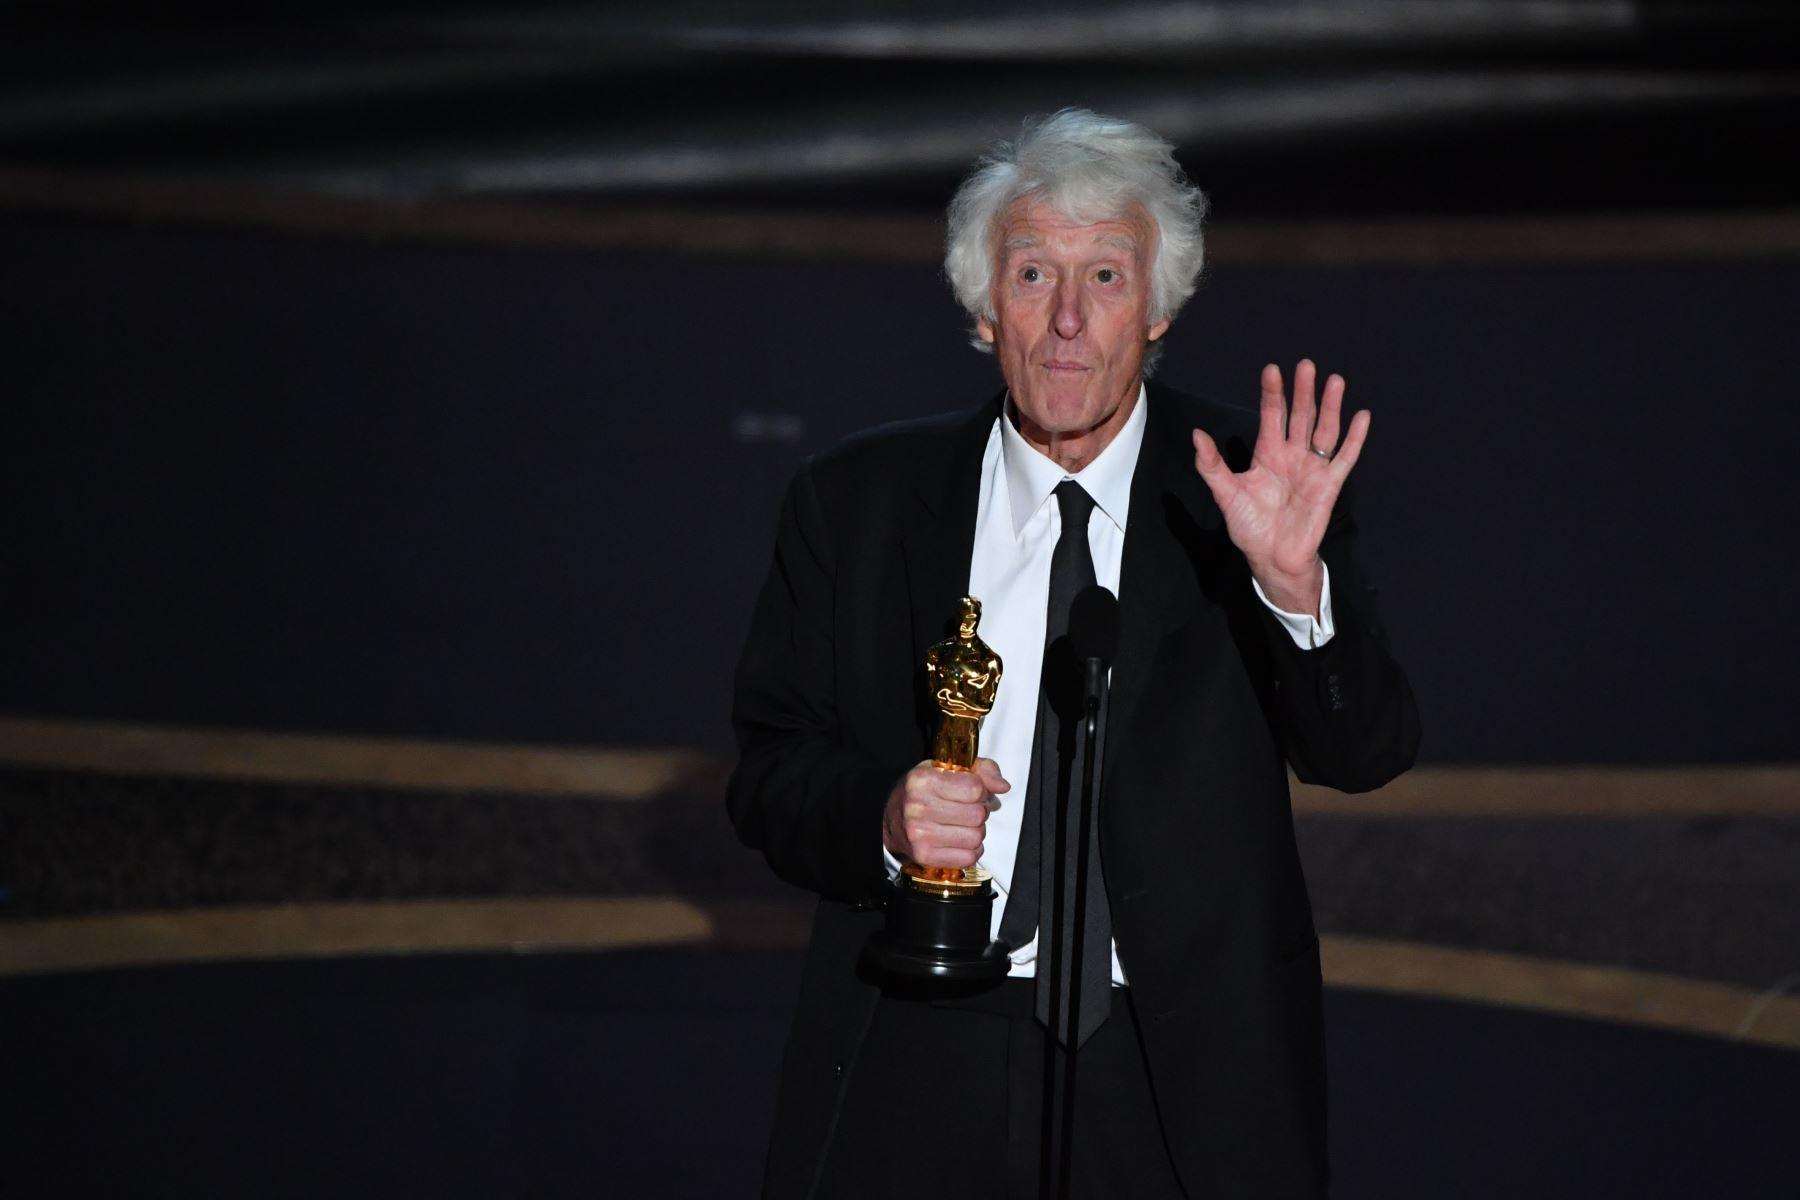 """El director de fotografía británico Roger Deakins acepta el premio a la mejor fotografía por """"1917"""" durante la 92a edición de los Oscar en el Dolby Theatre de Hollywood, California, el 9 de febrero de 2020. Foto: AFP"""